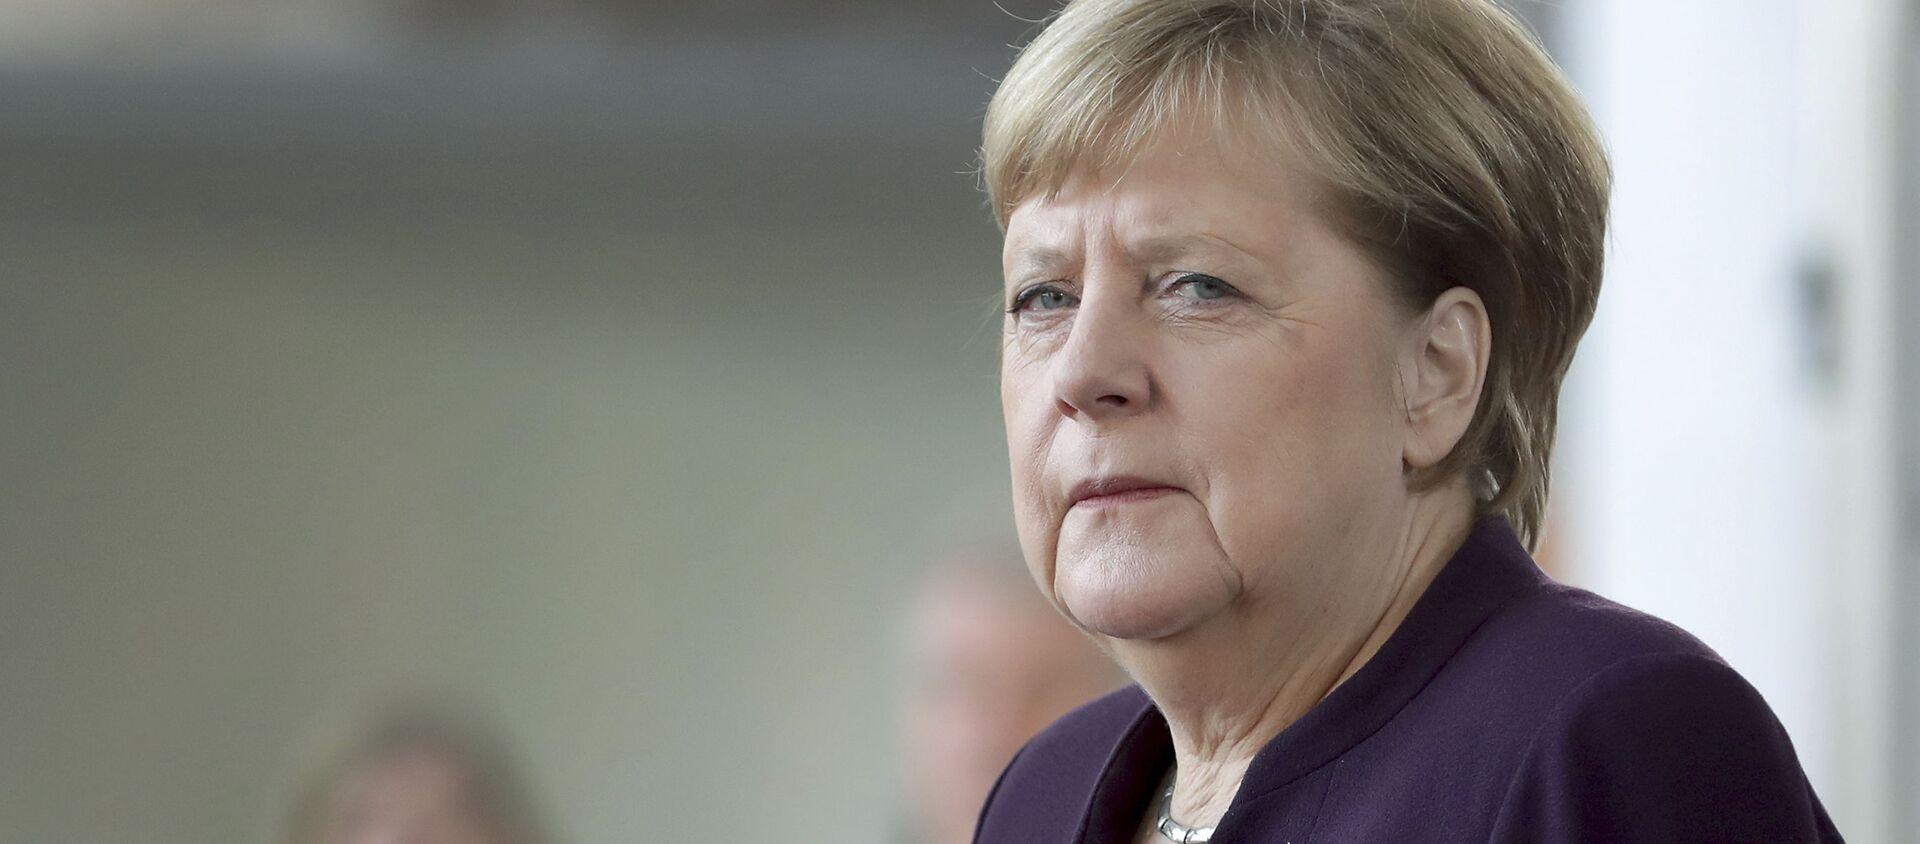 Angela Merkel  - Sputnik Italia, 1920, 05.06.2020